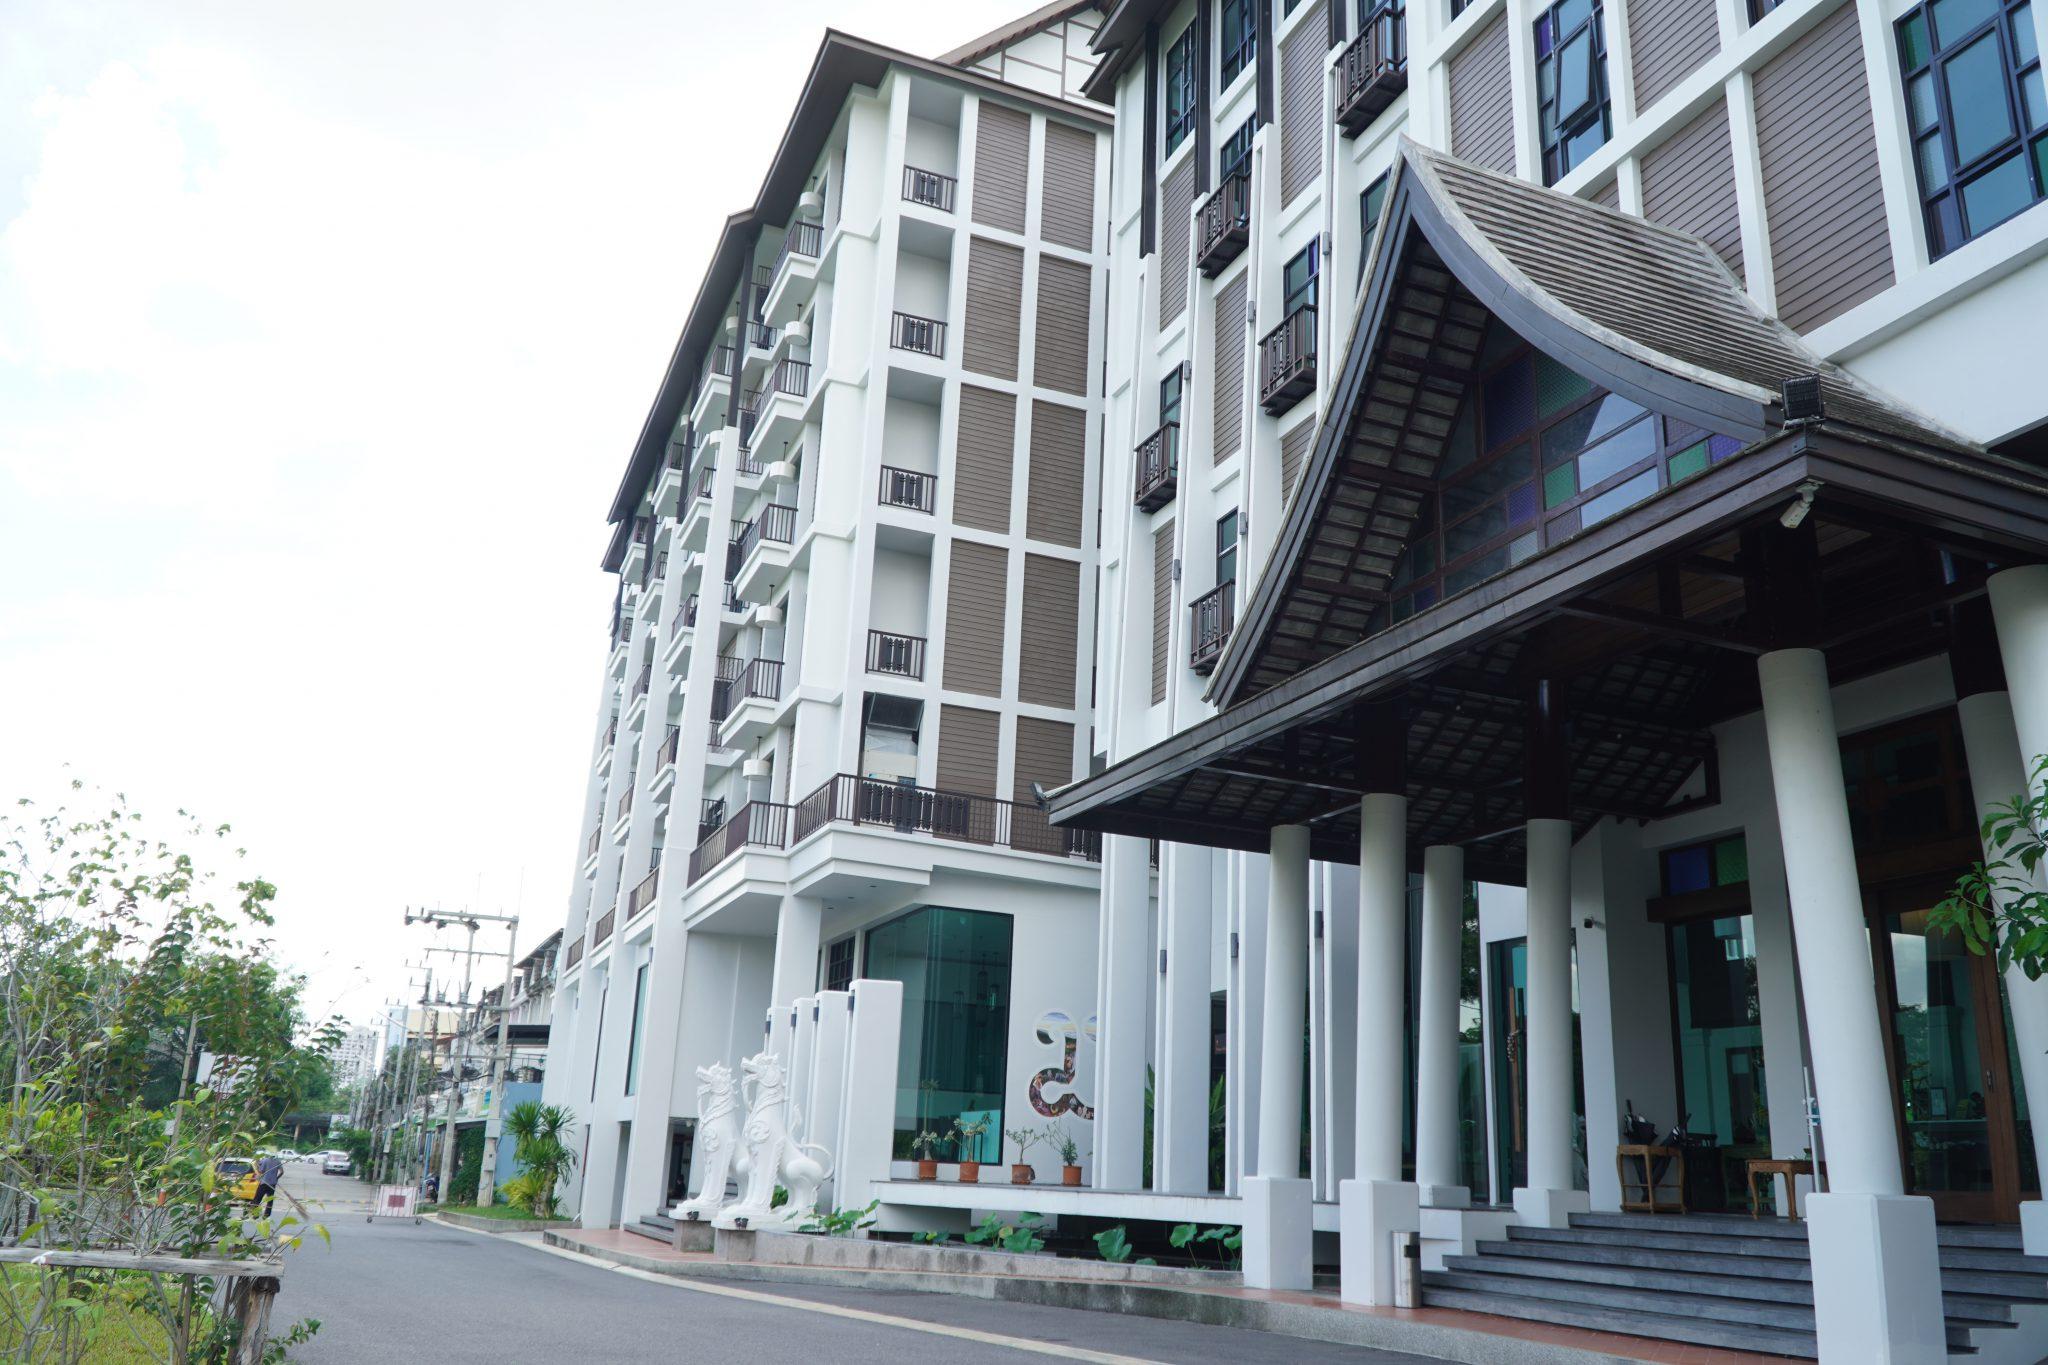 โรงแรมม่อนคำ วิลเลจ หนึ่งในโรงแรมที่เข้าร่วมกับโครงการ Hatyai Hard sale